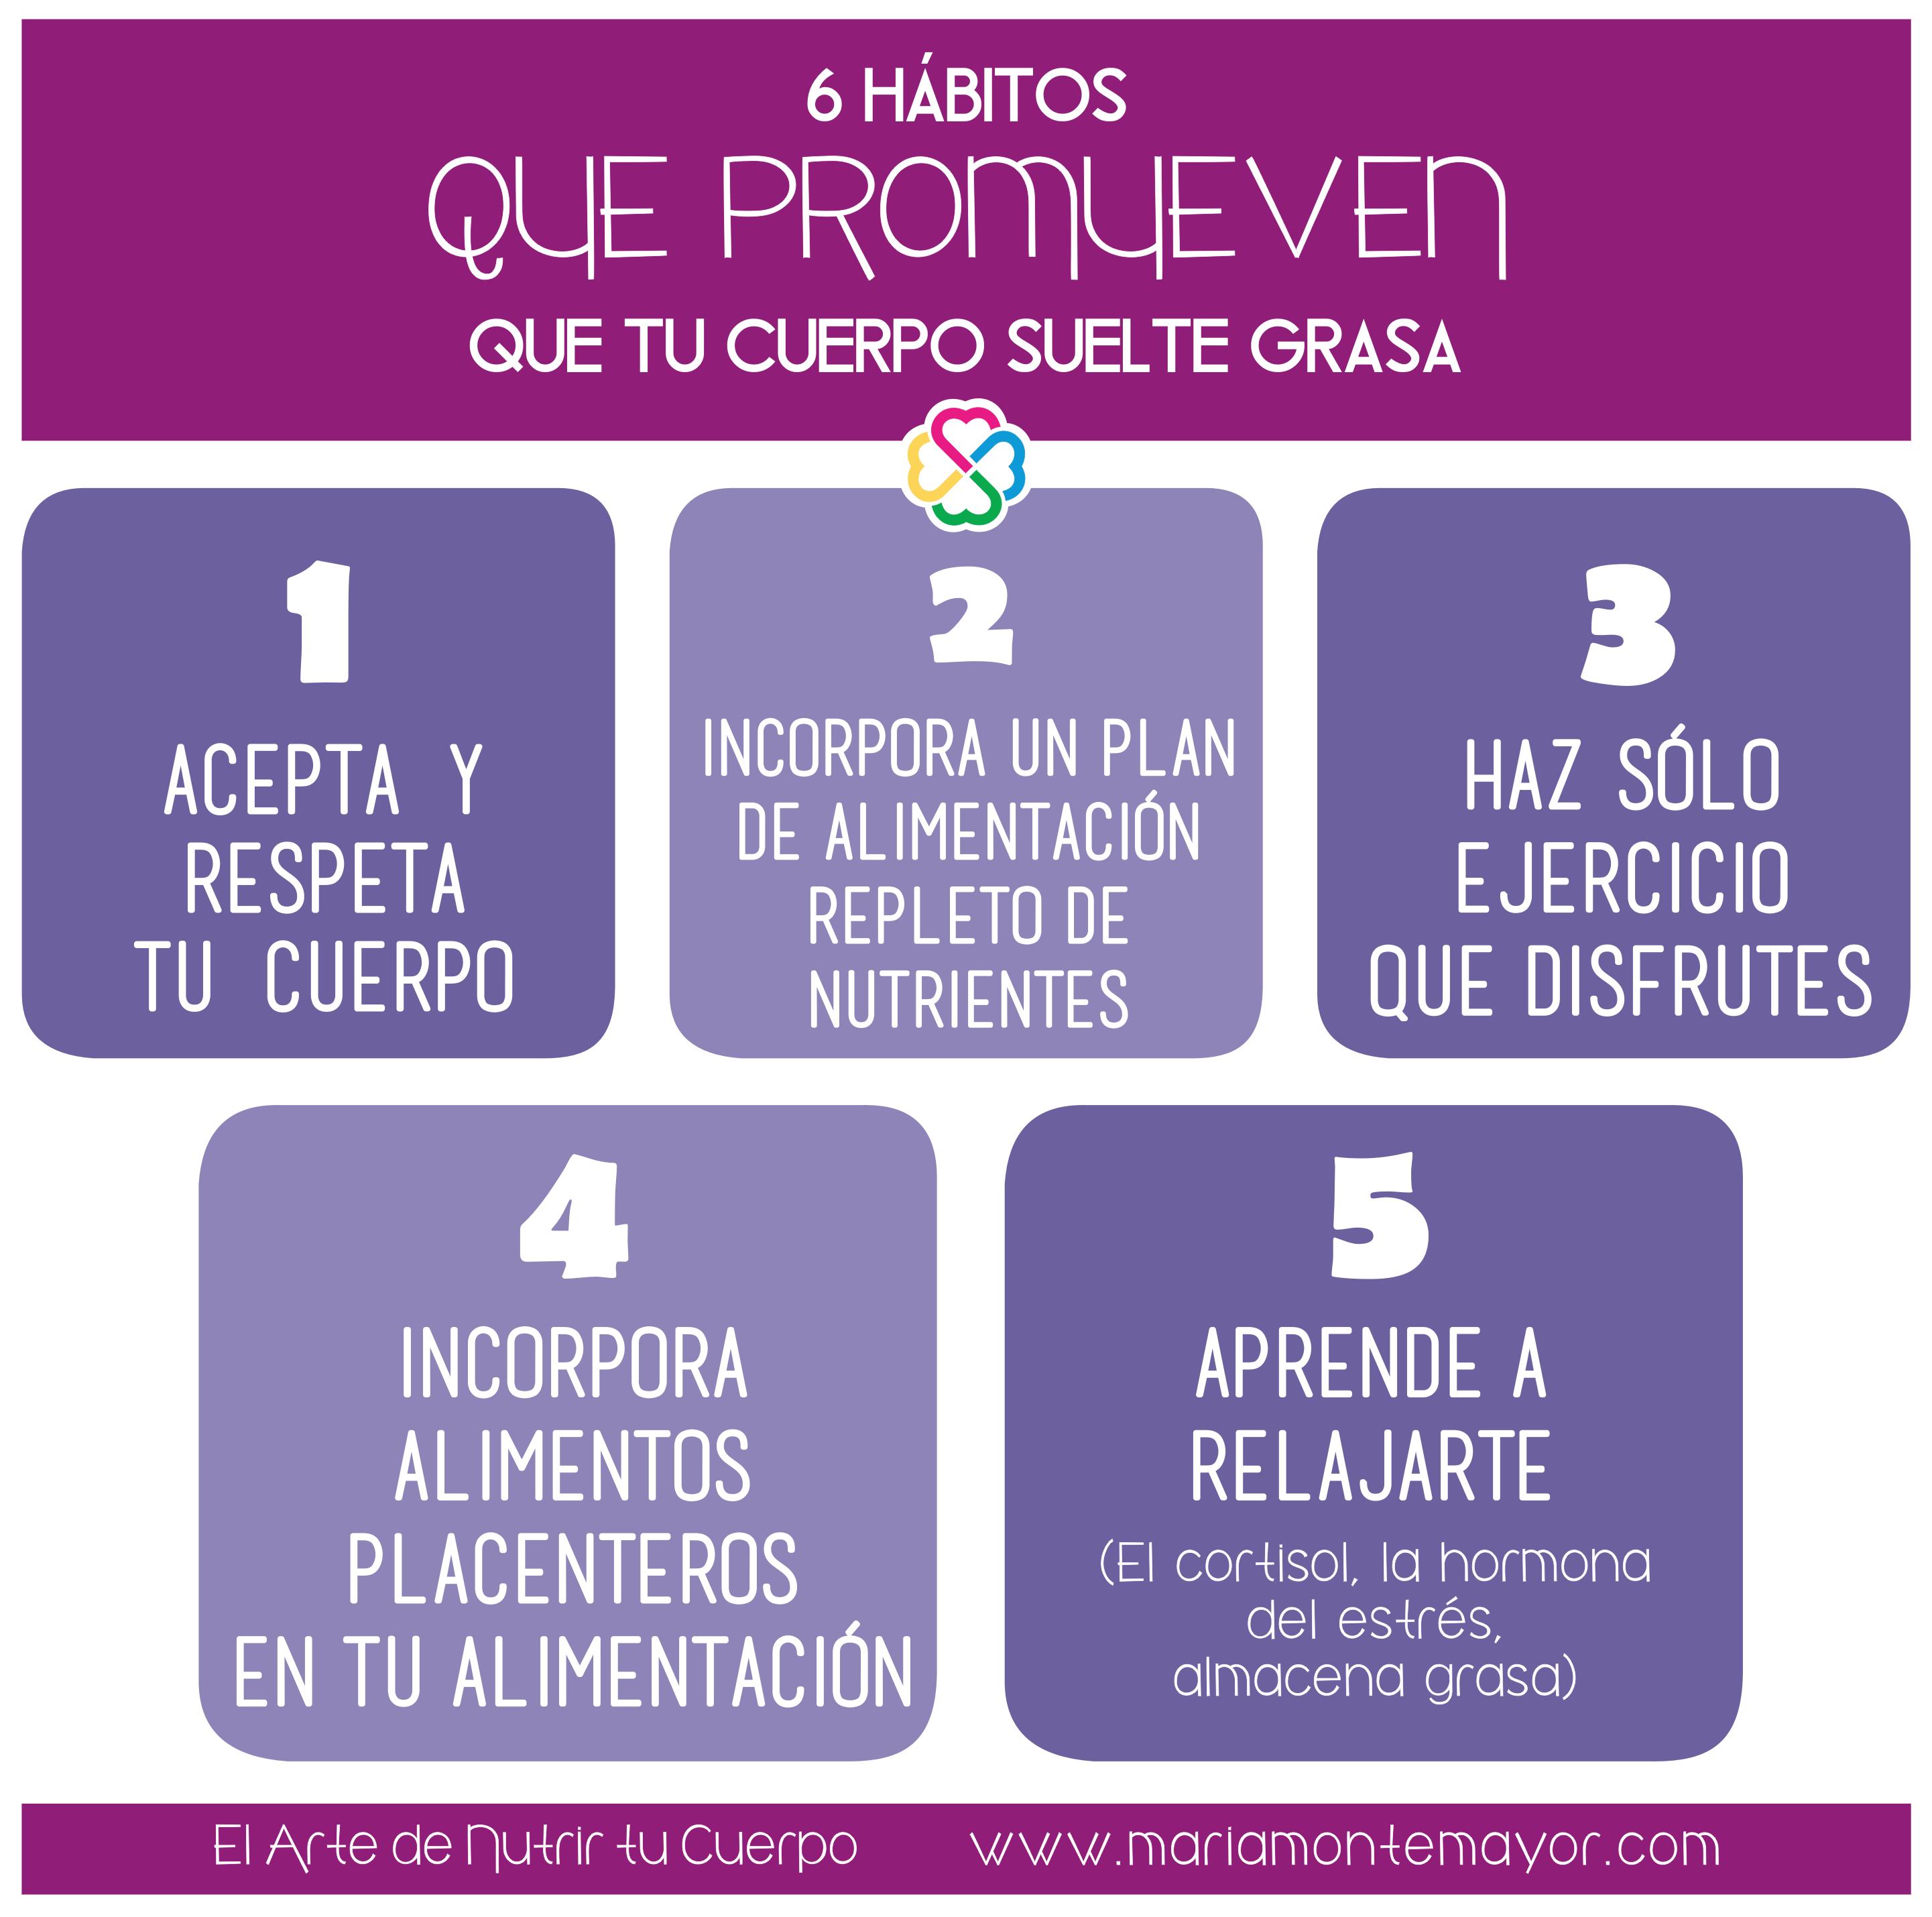 habitos+diarios+para+bajar+de+peso